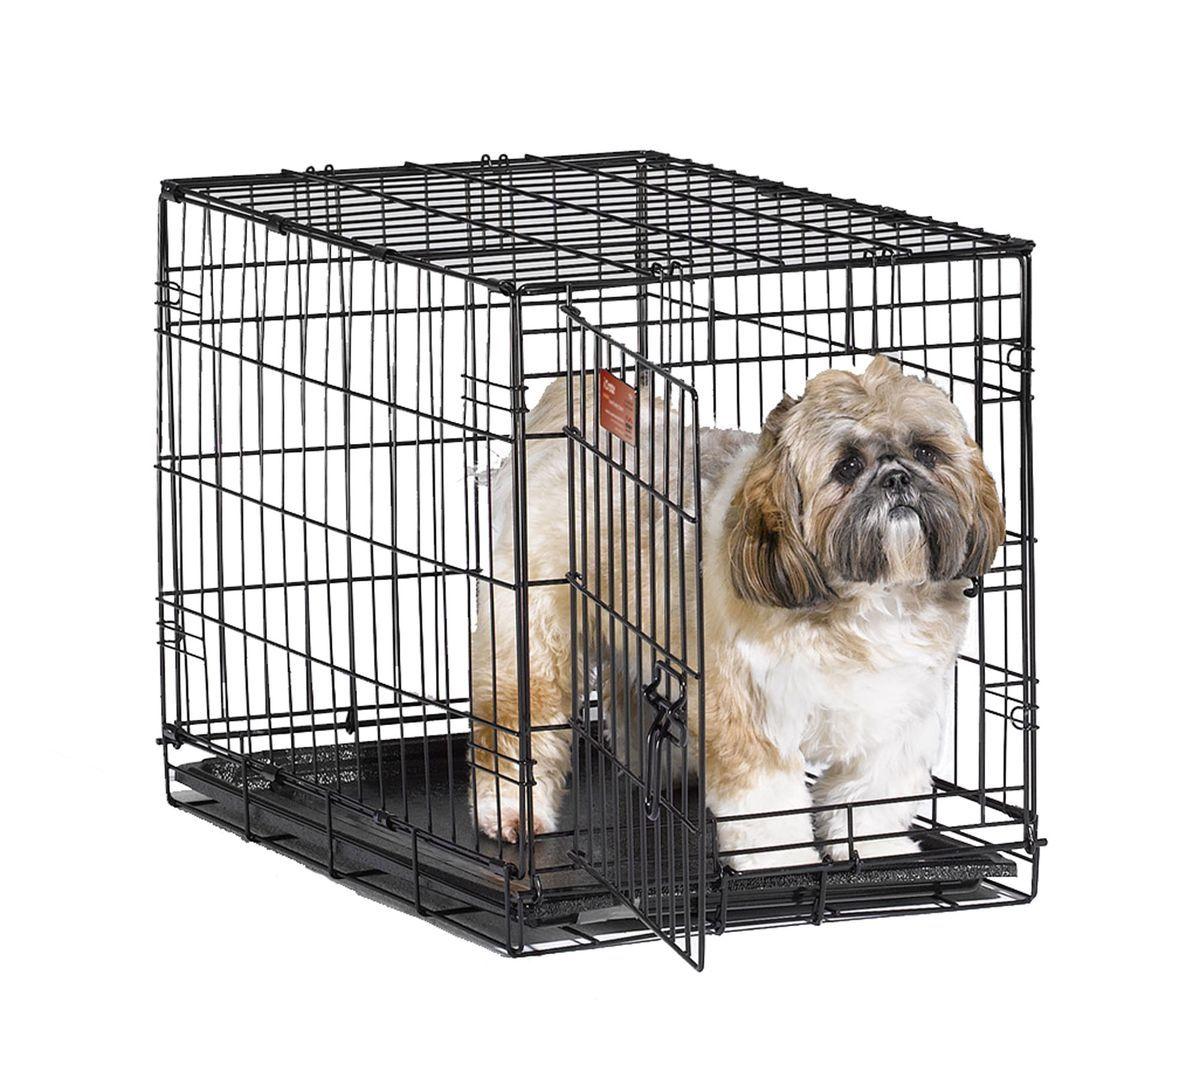 Клетка Midwest iCrate,1 дверь 61 x 46 x 48 см1524Midwest iCrate клетка 61х46х48h см черная 1 дверь. Клетка для собак малых и средних размеров с одной дверью. Клетка выполнена из качественного метала, обеспечивающего безопасность собаки и хозяина. Безопасный двойной замок задвижка закрывает и снаружи и внутри. В комплект включены: разделяющая панель, пластиковый поддон и специальные пластиковые ручки для удобной транспортировки клетки в сложенном виде. Закругленная угловая защита клетки обеспечивает безопасность питомцам и людям и не повреждает поверхность, на которой размещается. Разделяющая панель позволяет создавать универсальные отсеки. Поддон из композитного пластика легко моется. Клетка легко устанавливается и складывается без использования инструментов. В сложенном виде занимает мало места. Размер - 61х38 х48h см. Вес - 7 кг. Цвет клетки - черный.